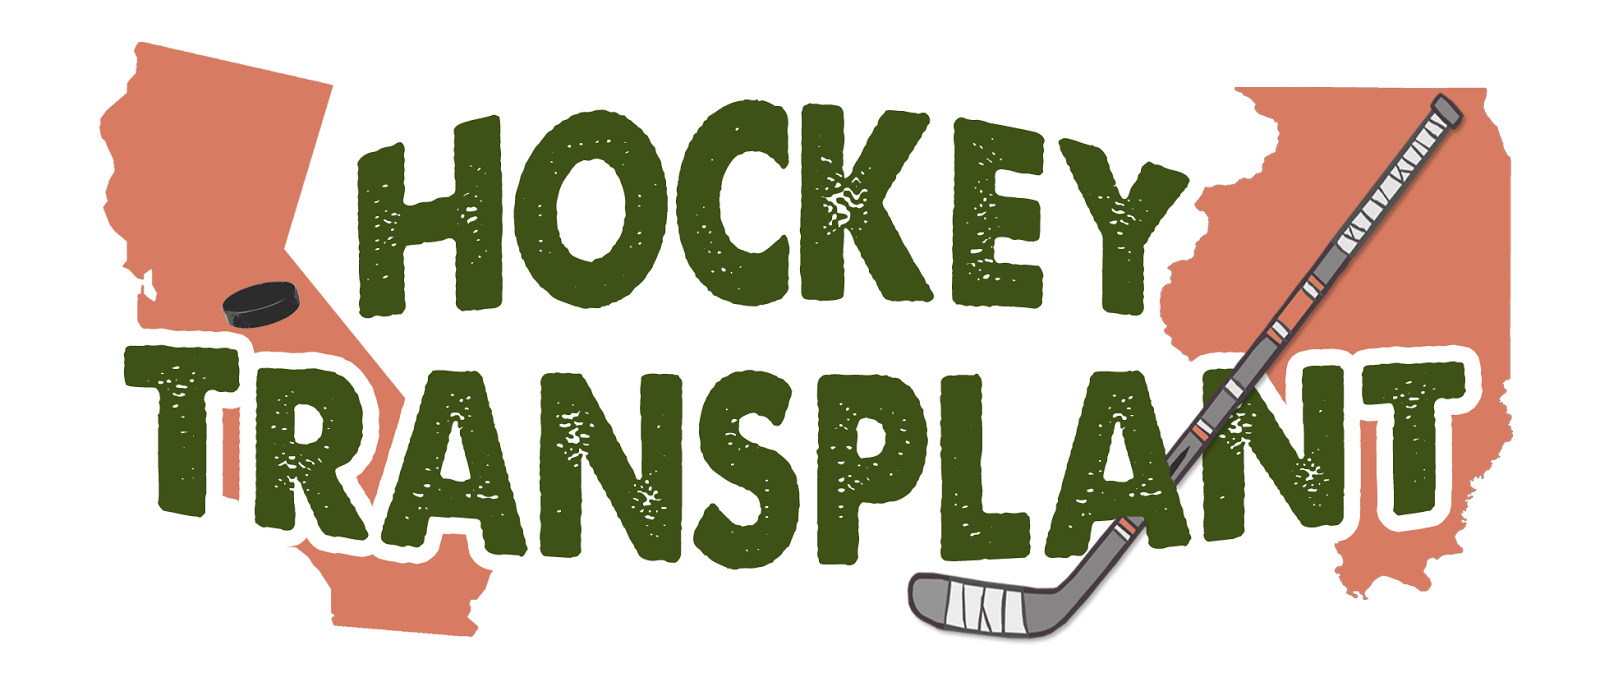 Hockey Transplant